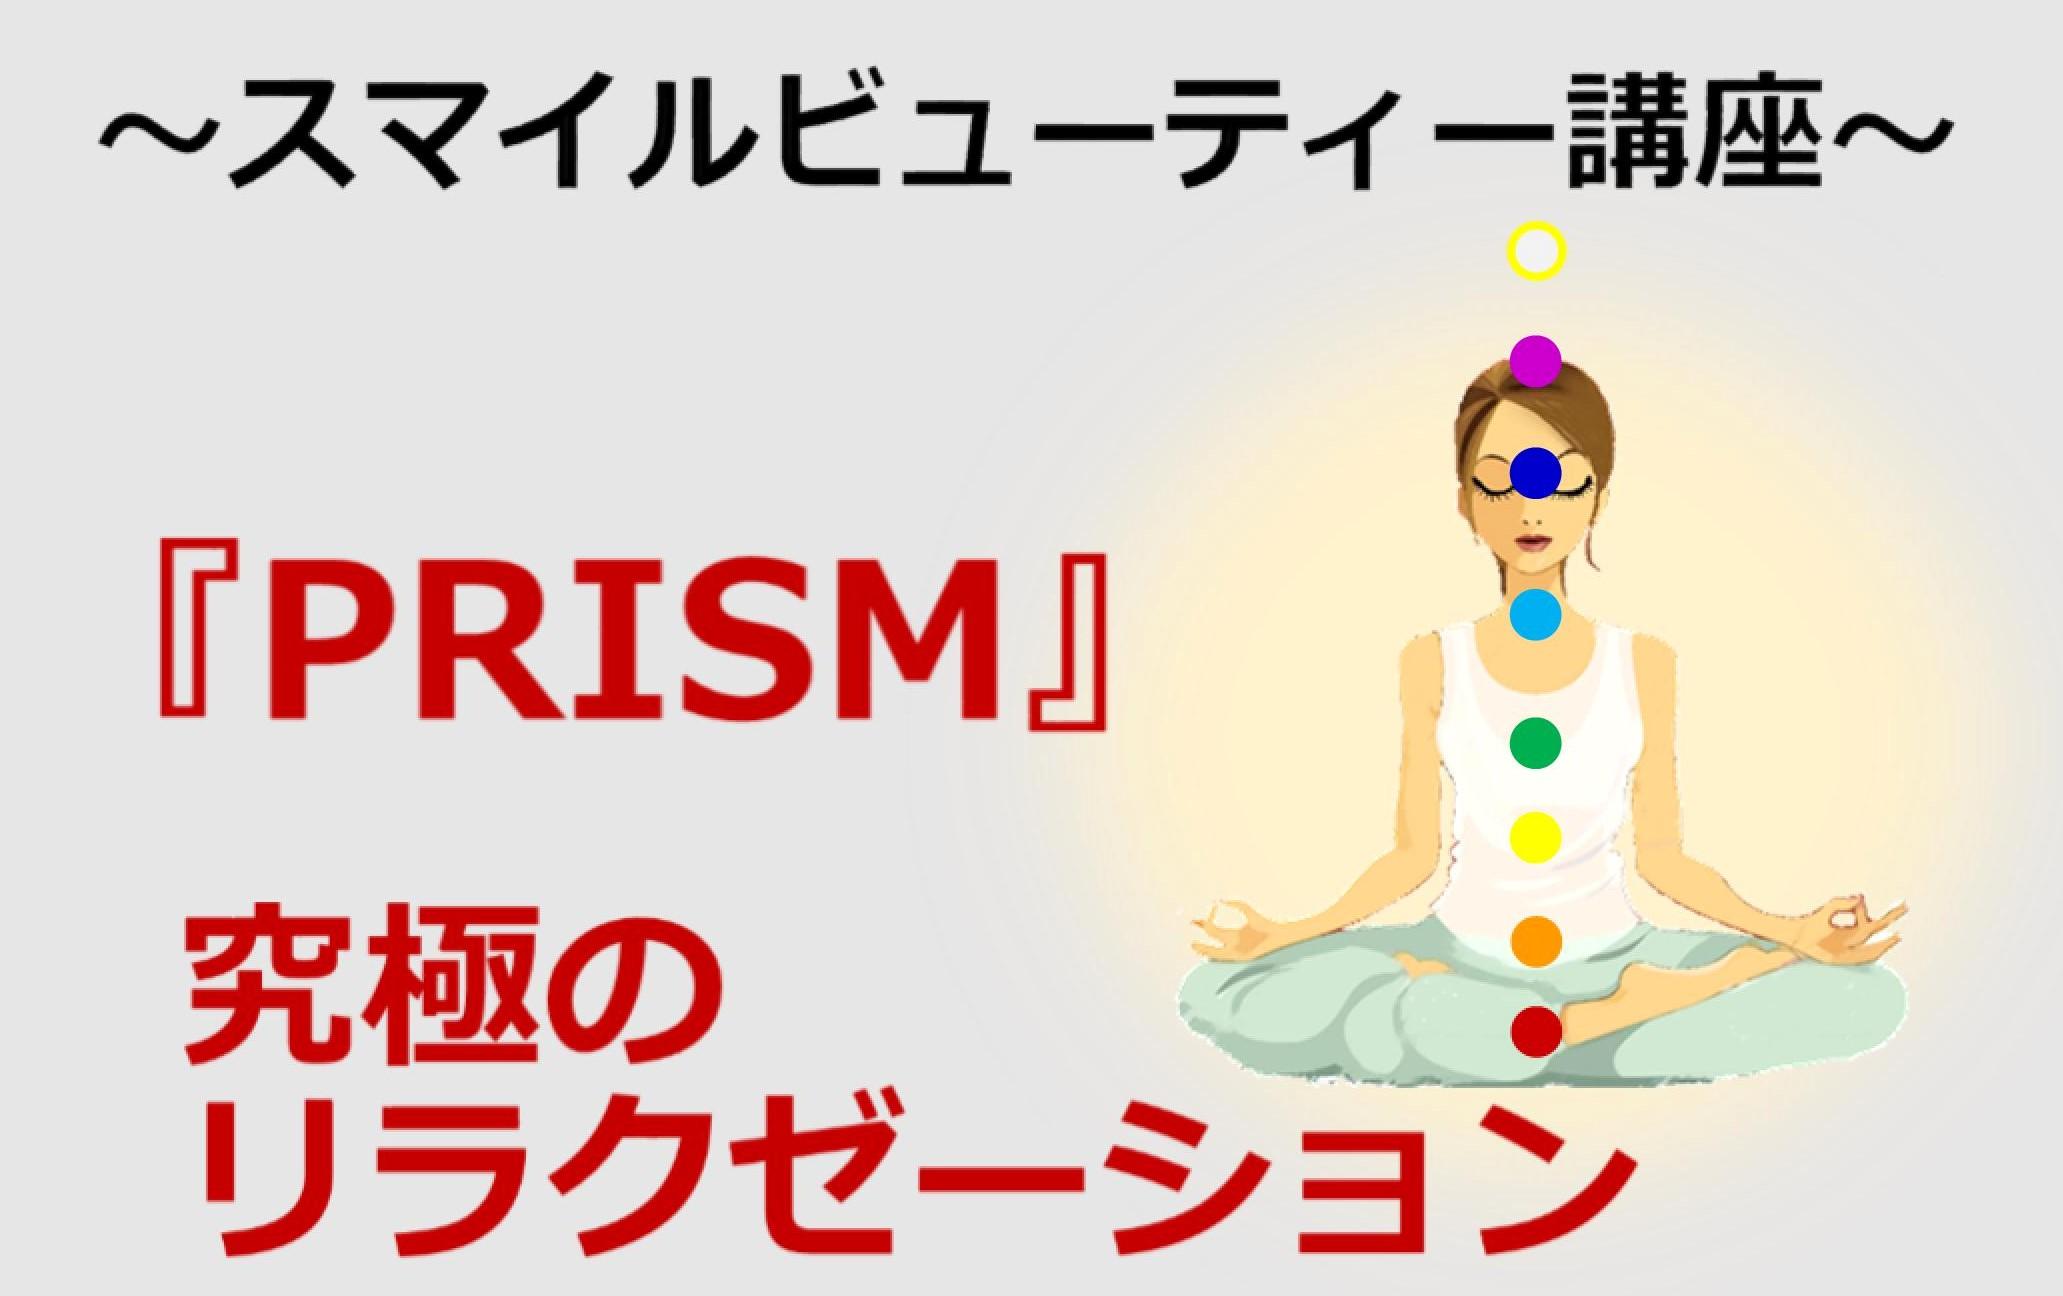 スマイルビューティー講座PRISM(プリズム)開催中止のお知らせ